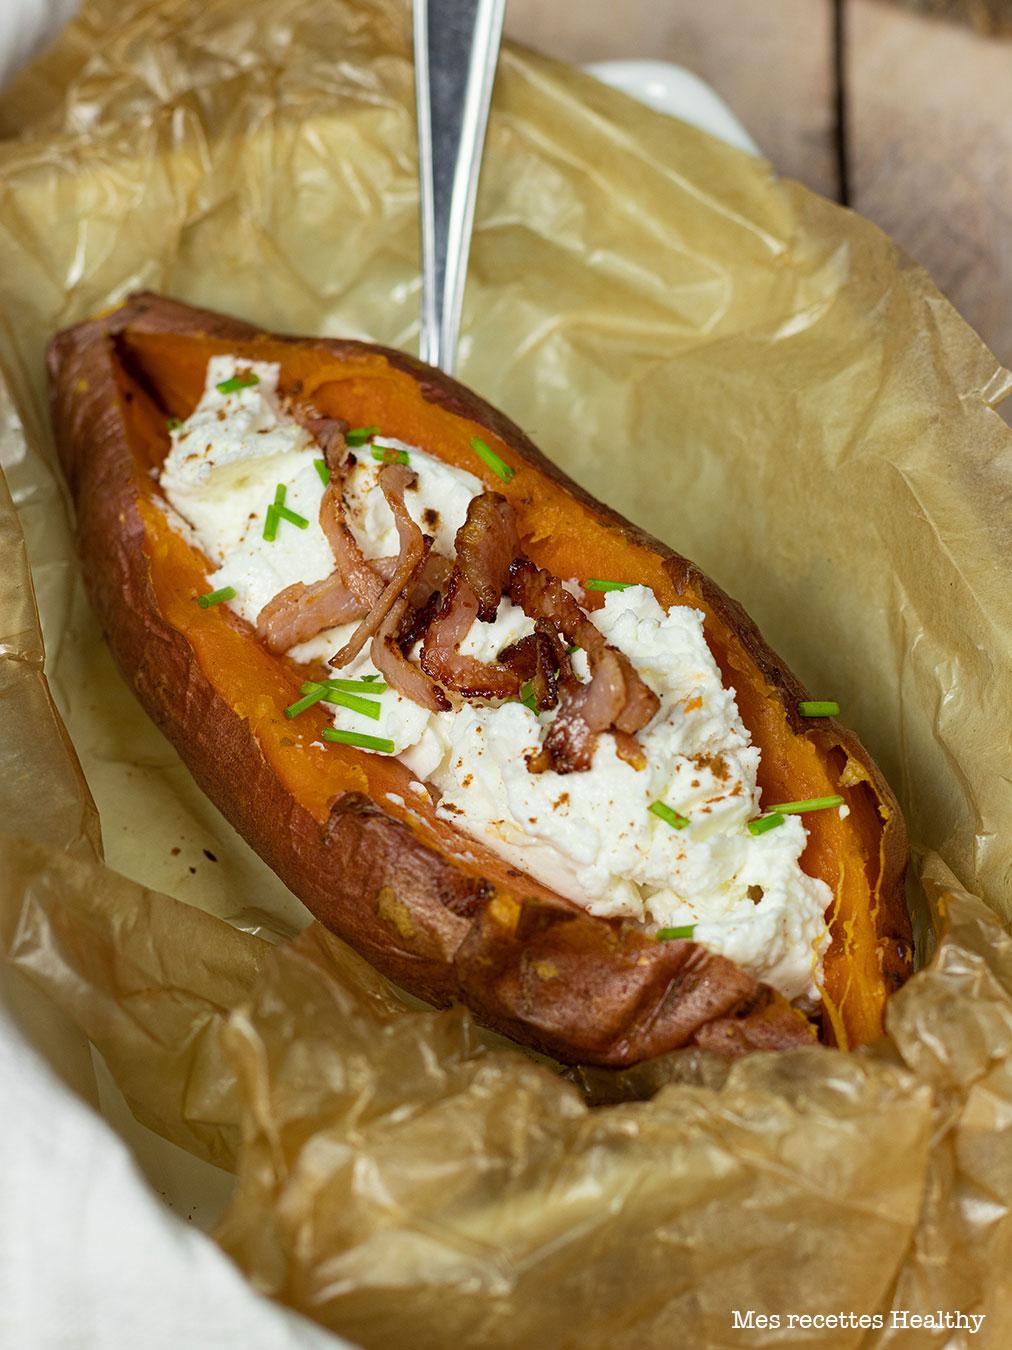 recette healthy-patate douce en robe des champs-fromage de chèvre-creme-bacon